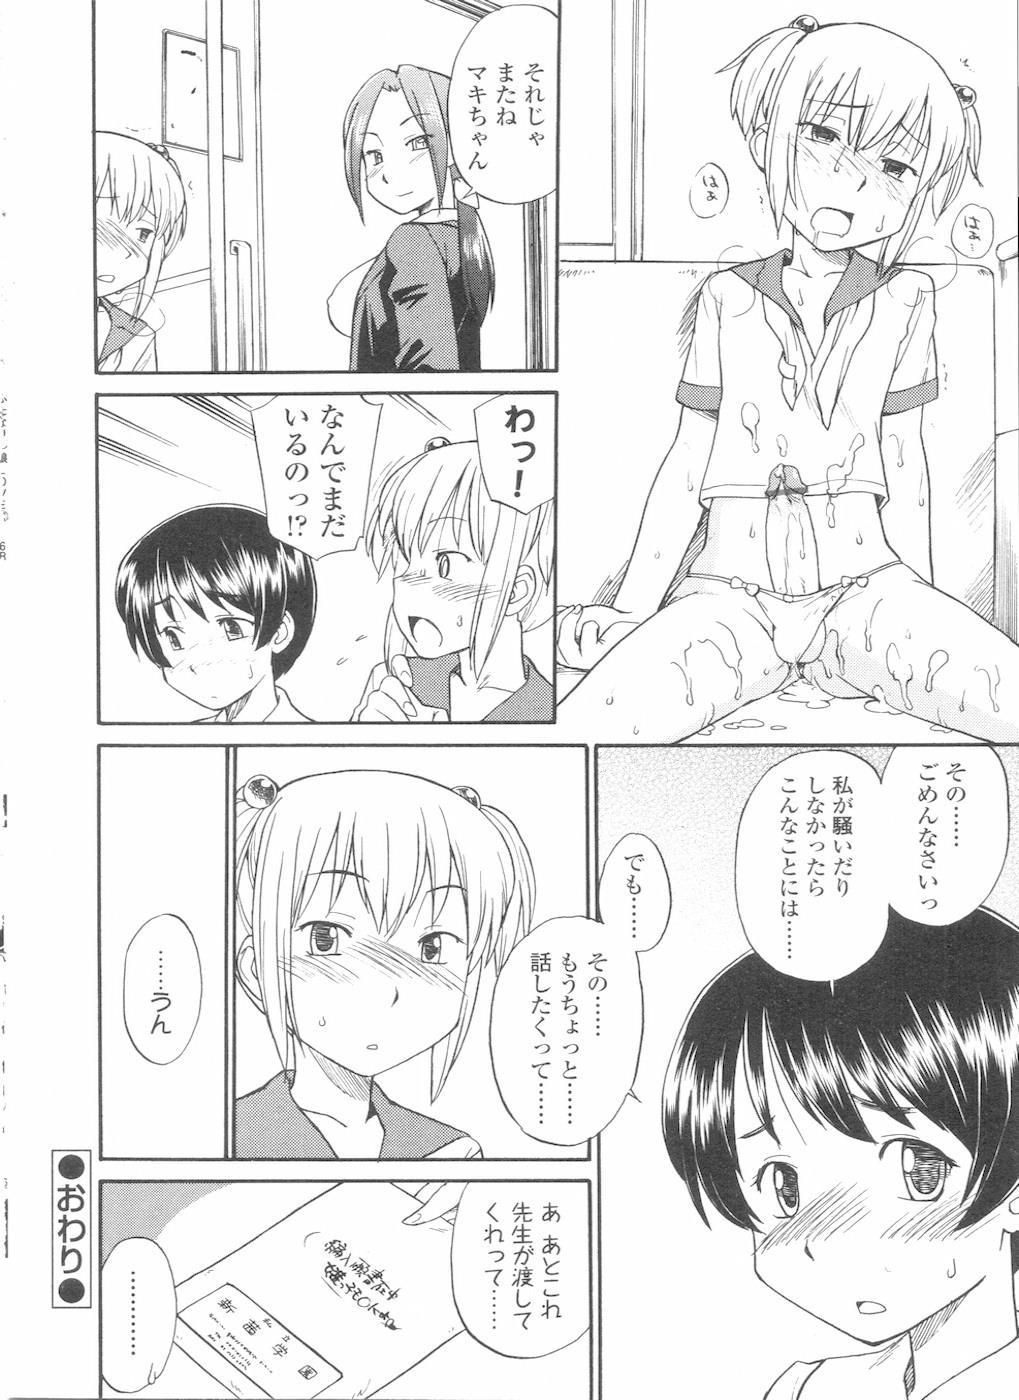 Futanarikko LOVE 11 109